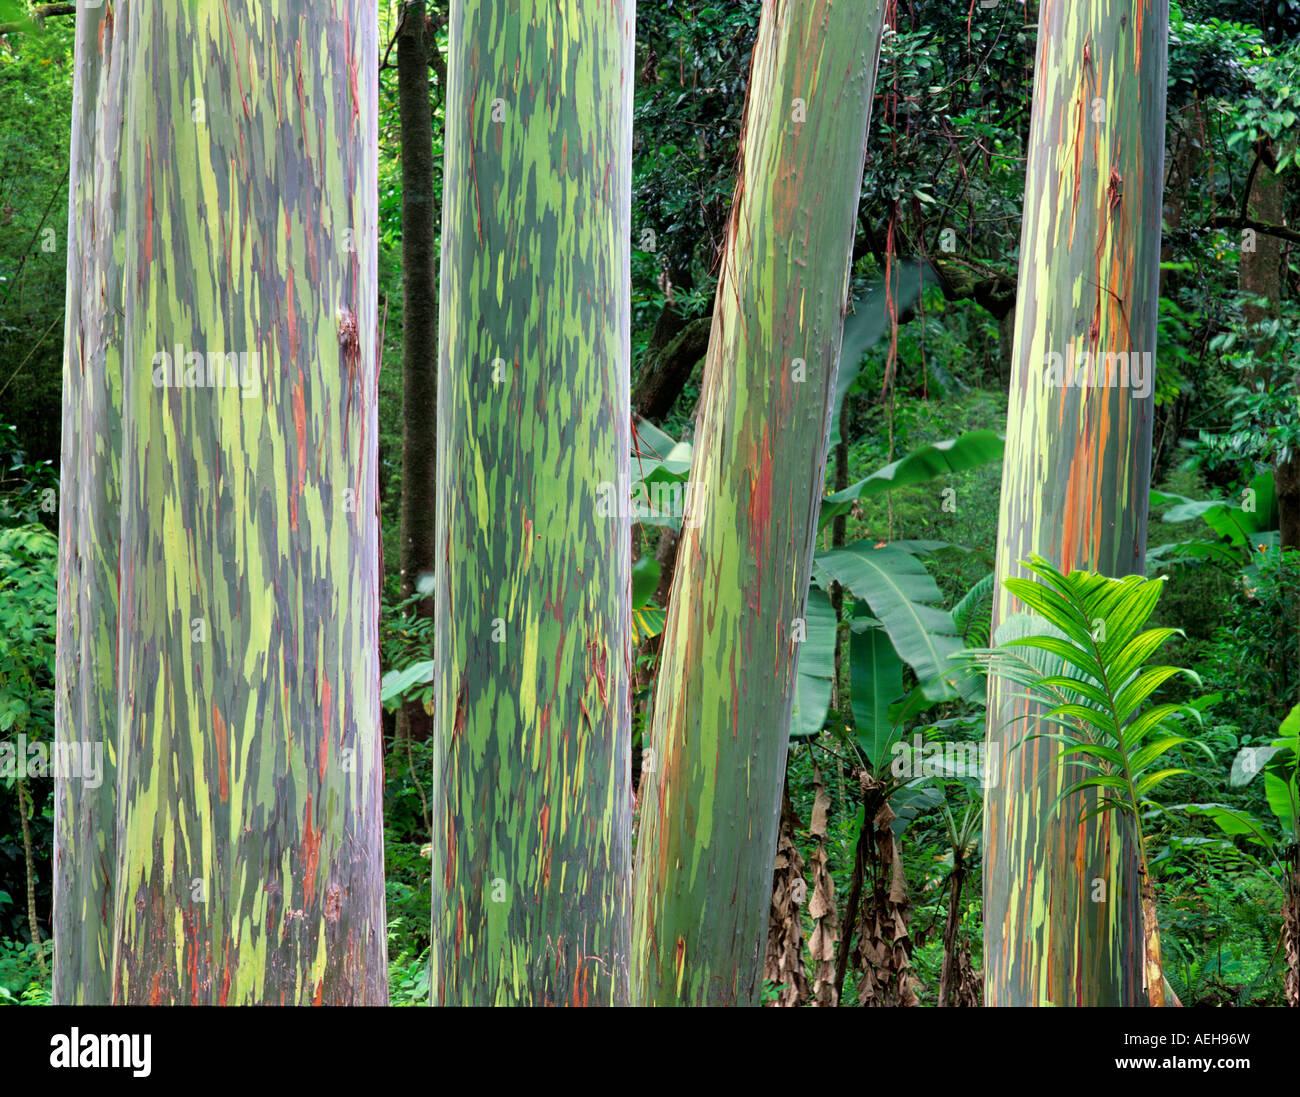 painted eucalyptus tree stock photos painted eucalyptus tree stock